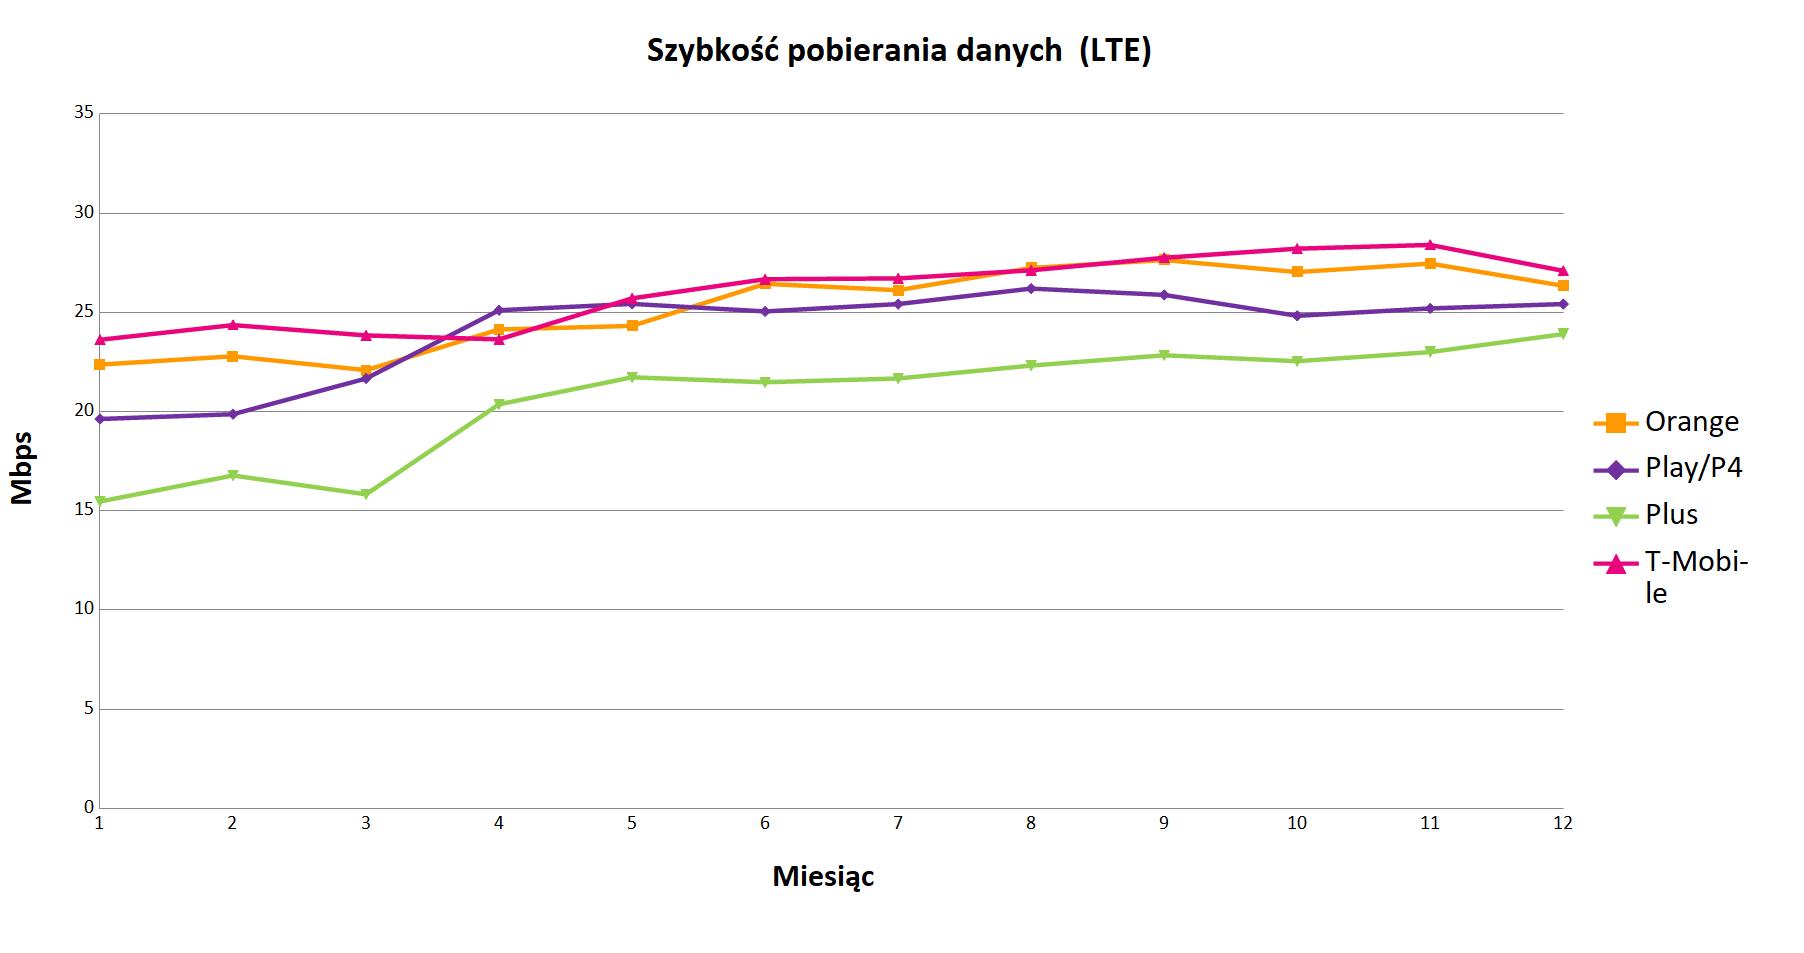 Technologia LTE/4G – średnie wyniki pomiarów jakości Internetu mobilnego operatorów w Polsce, w poszczególnych miesiącach 2019 roku